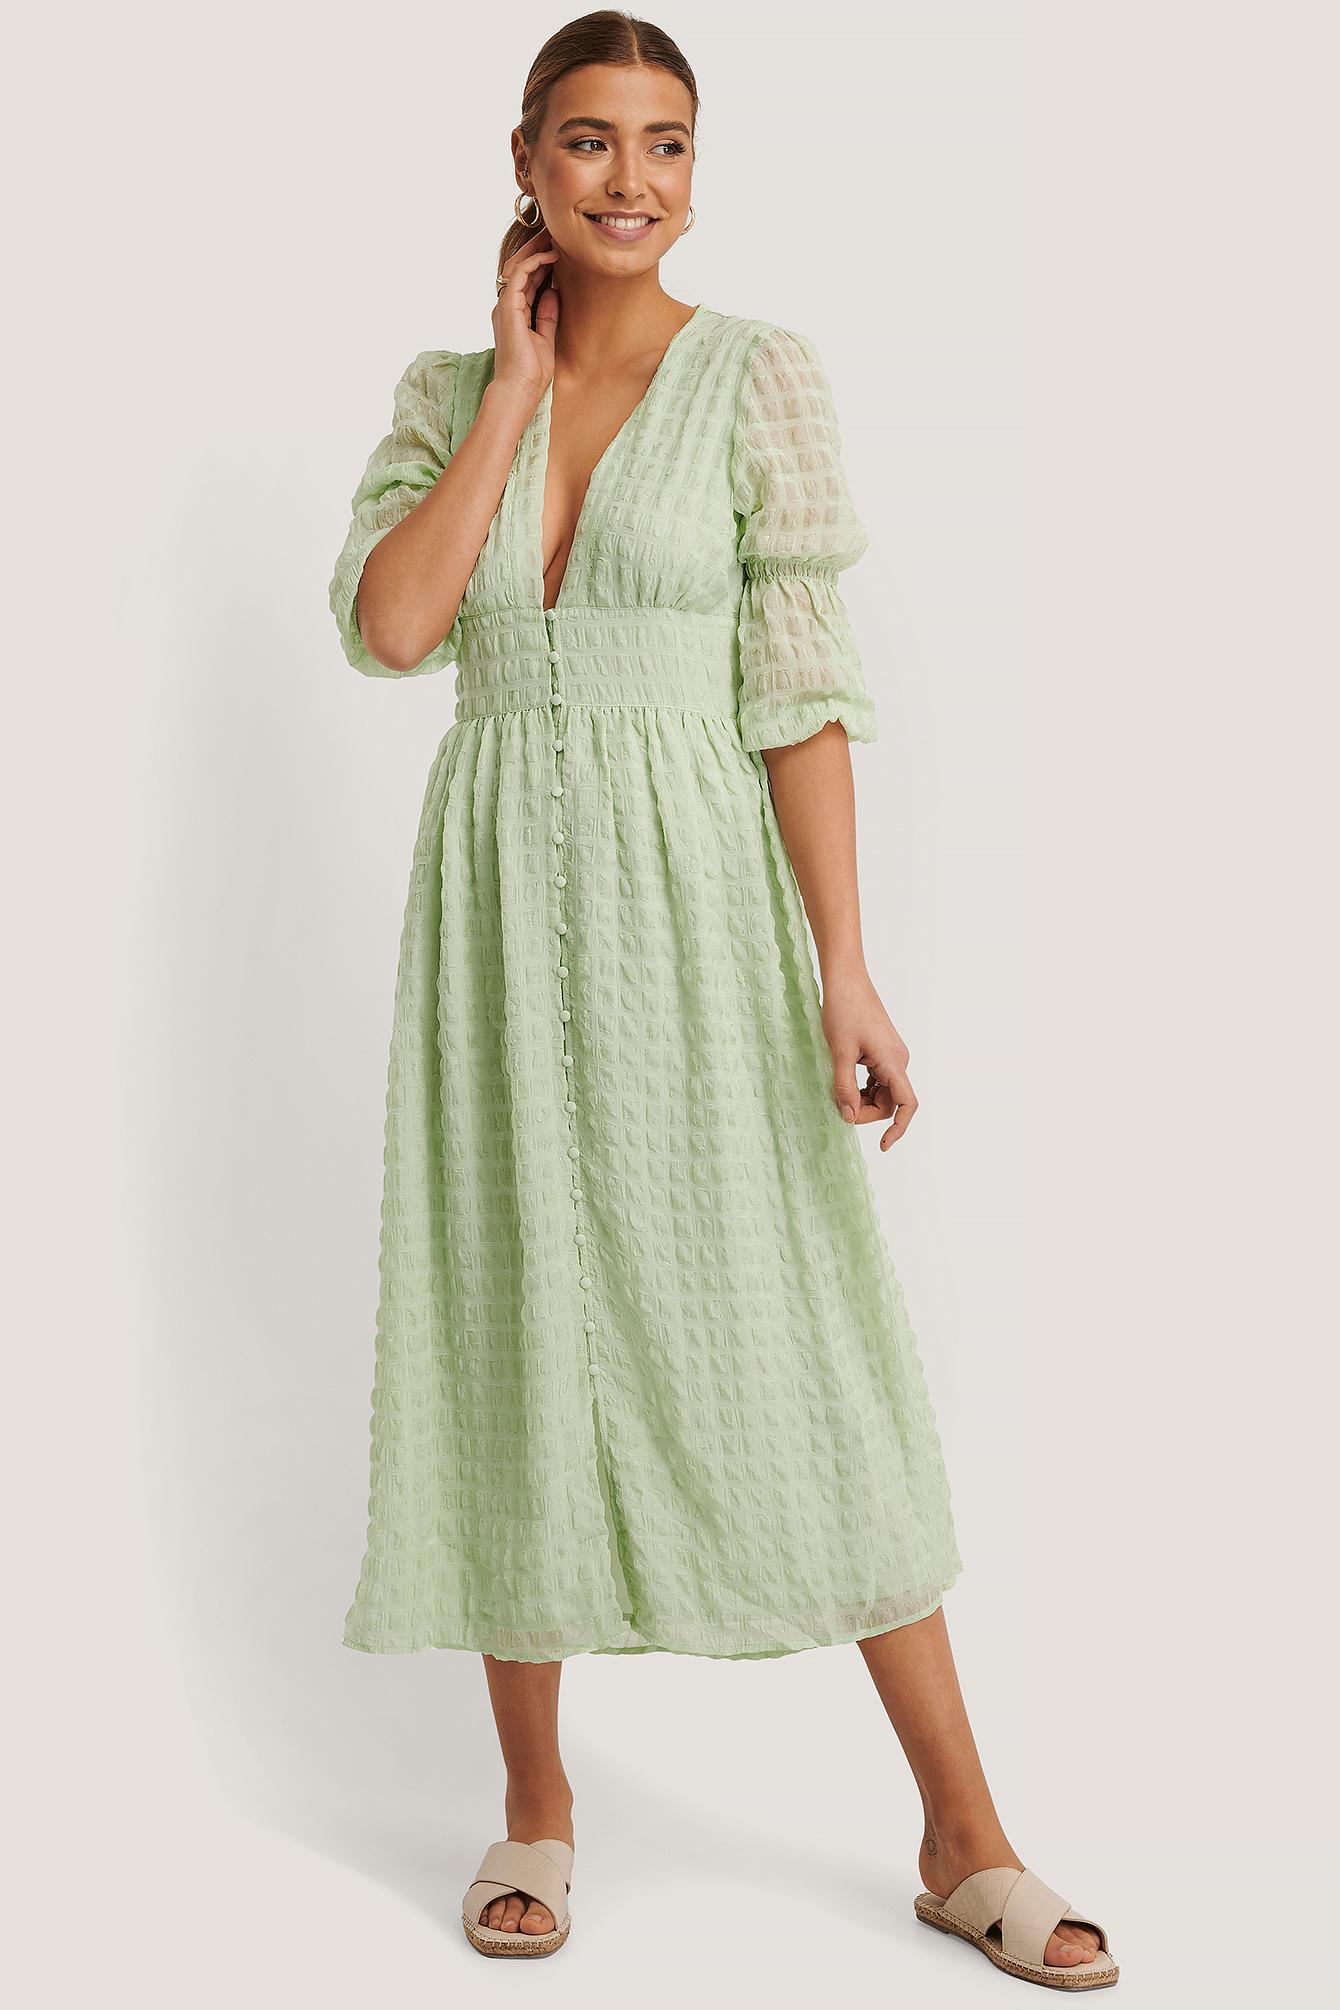 na-kd boho -  V-Förmiges Weites Kleid Mit Puffärmeln - Green